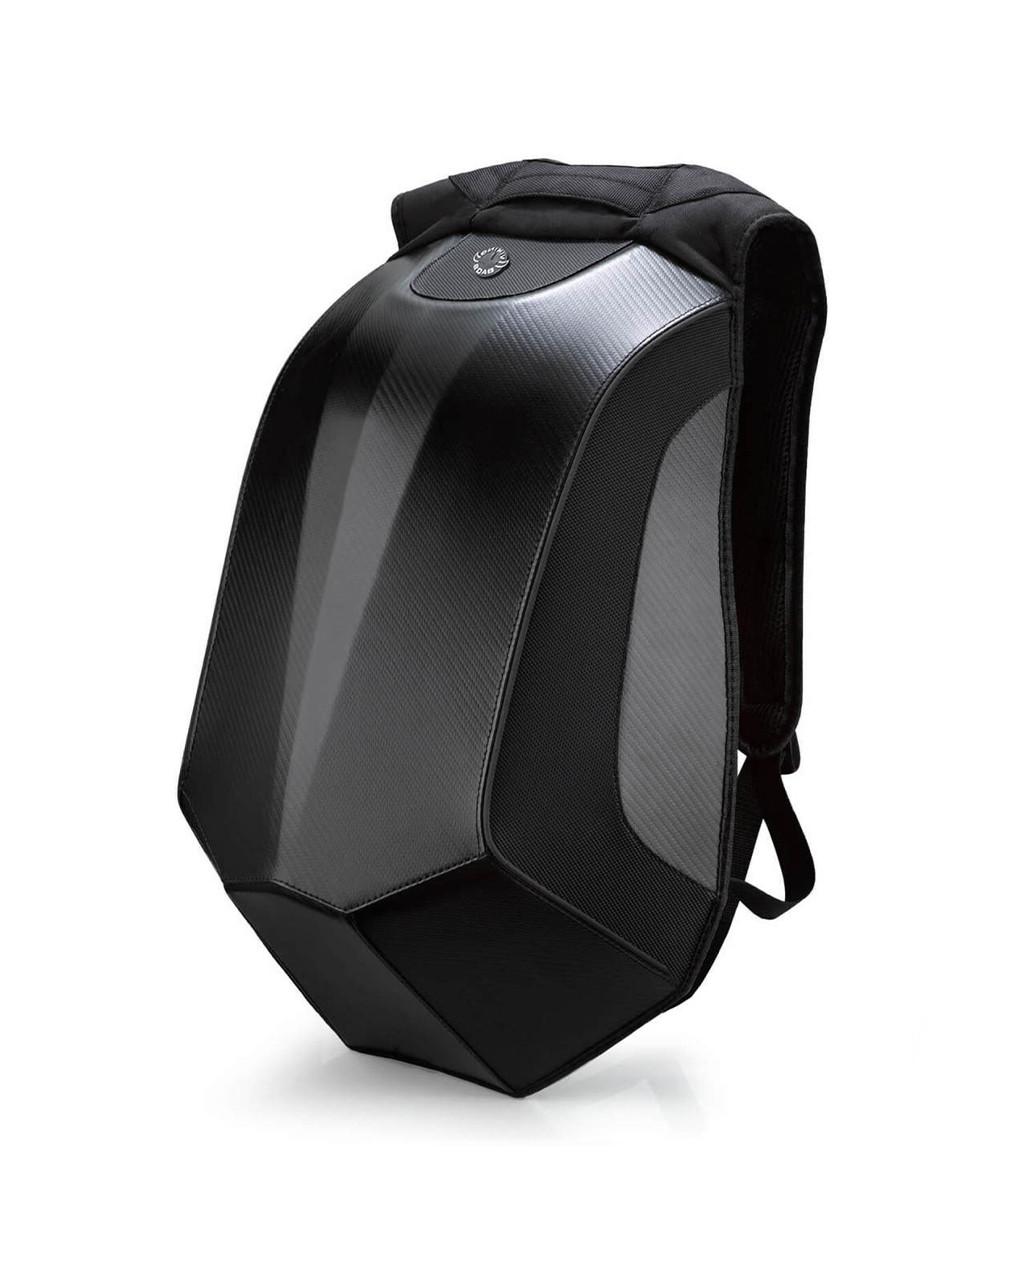 VikingBags Velocity Large Black Expandable Kawasaki Motorcycle Backpack Main Bag View